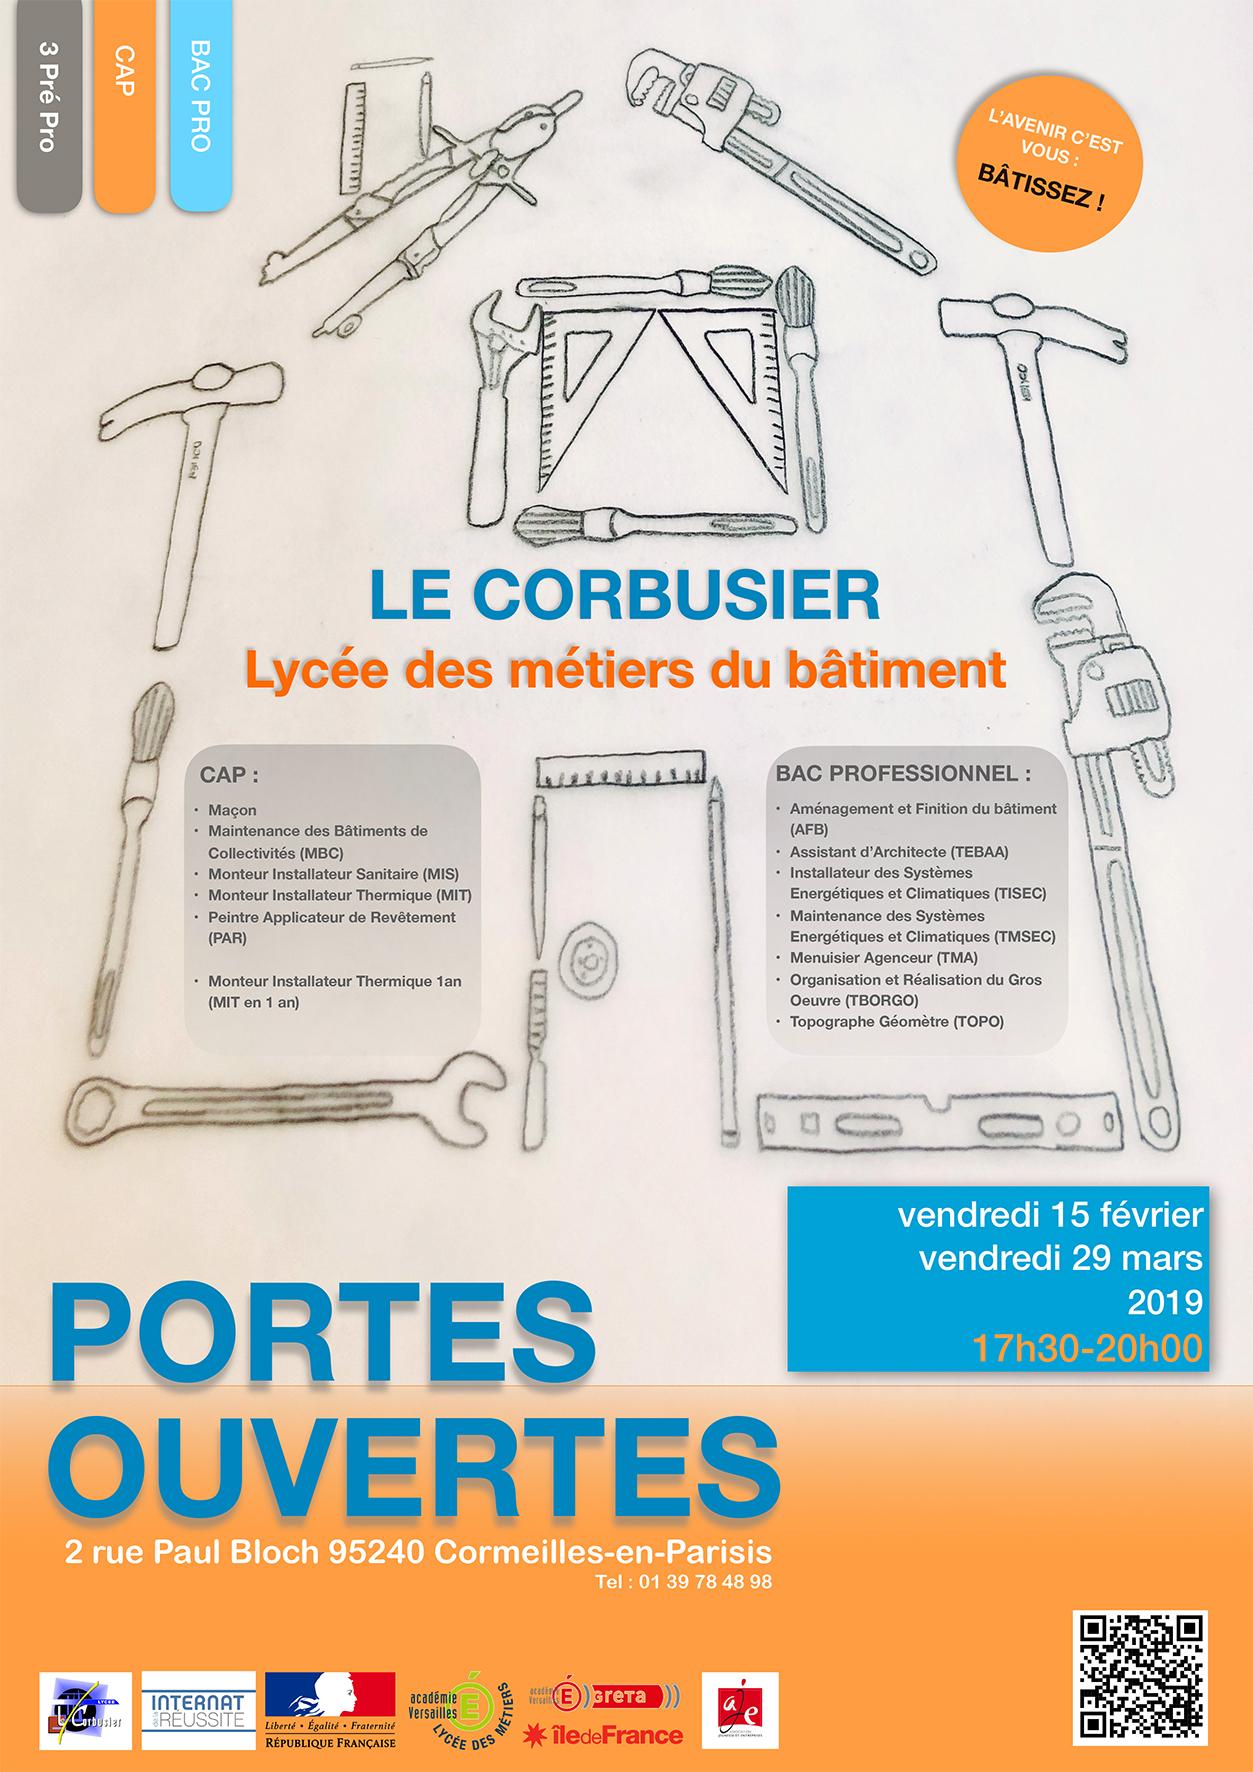 Portes Ouvertes 2019 Lycée Le Corbusier